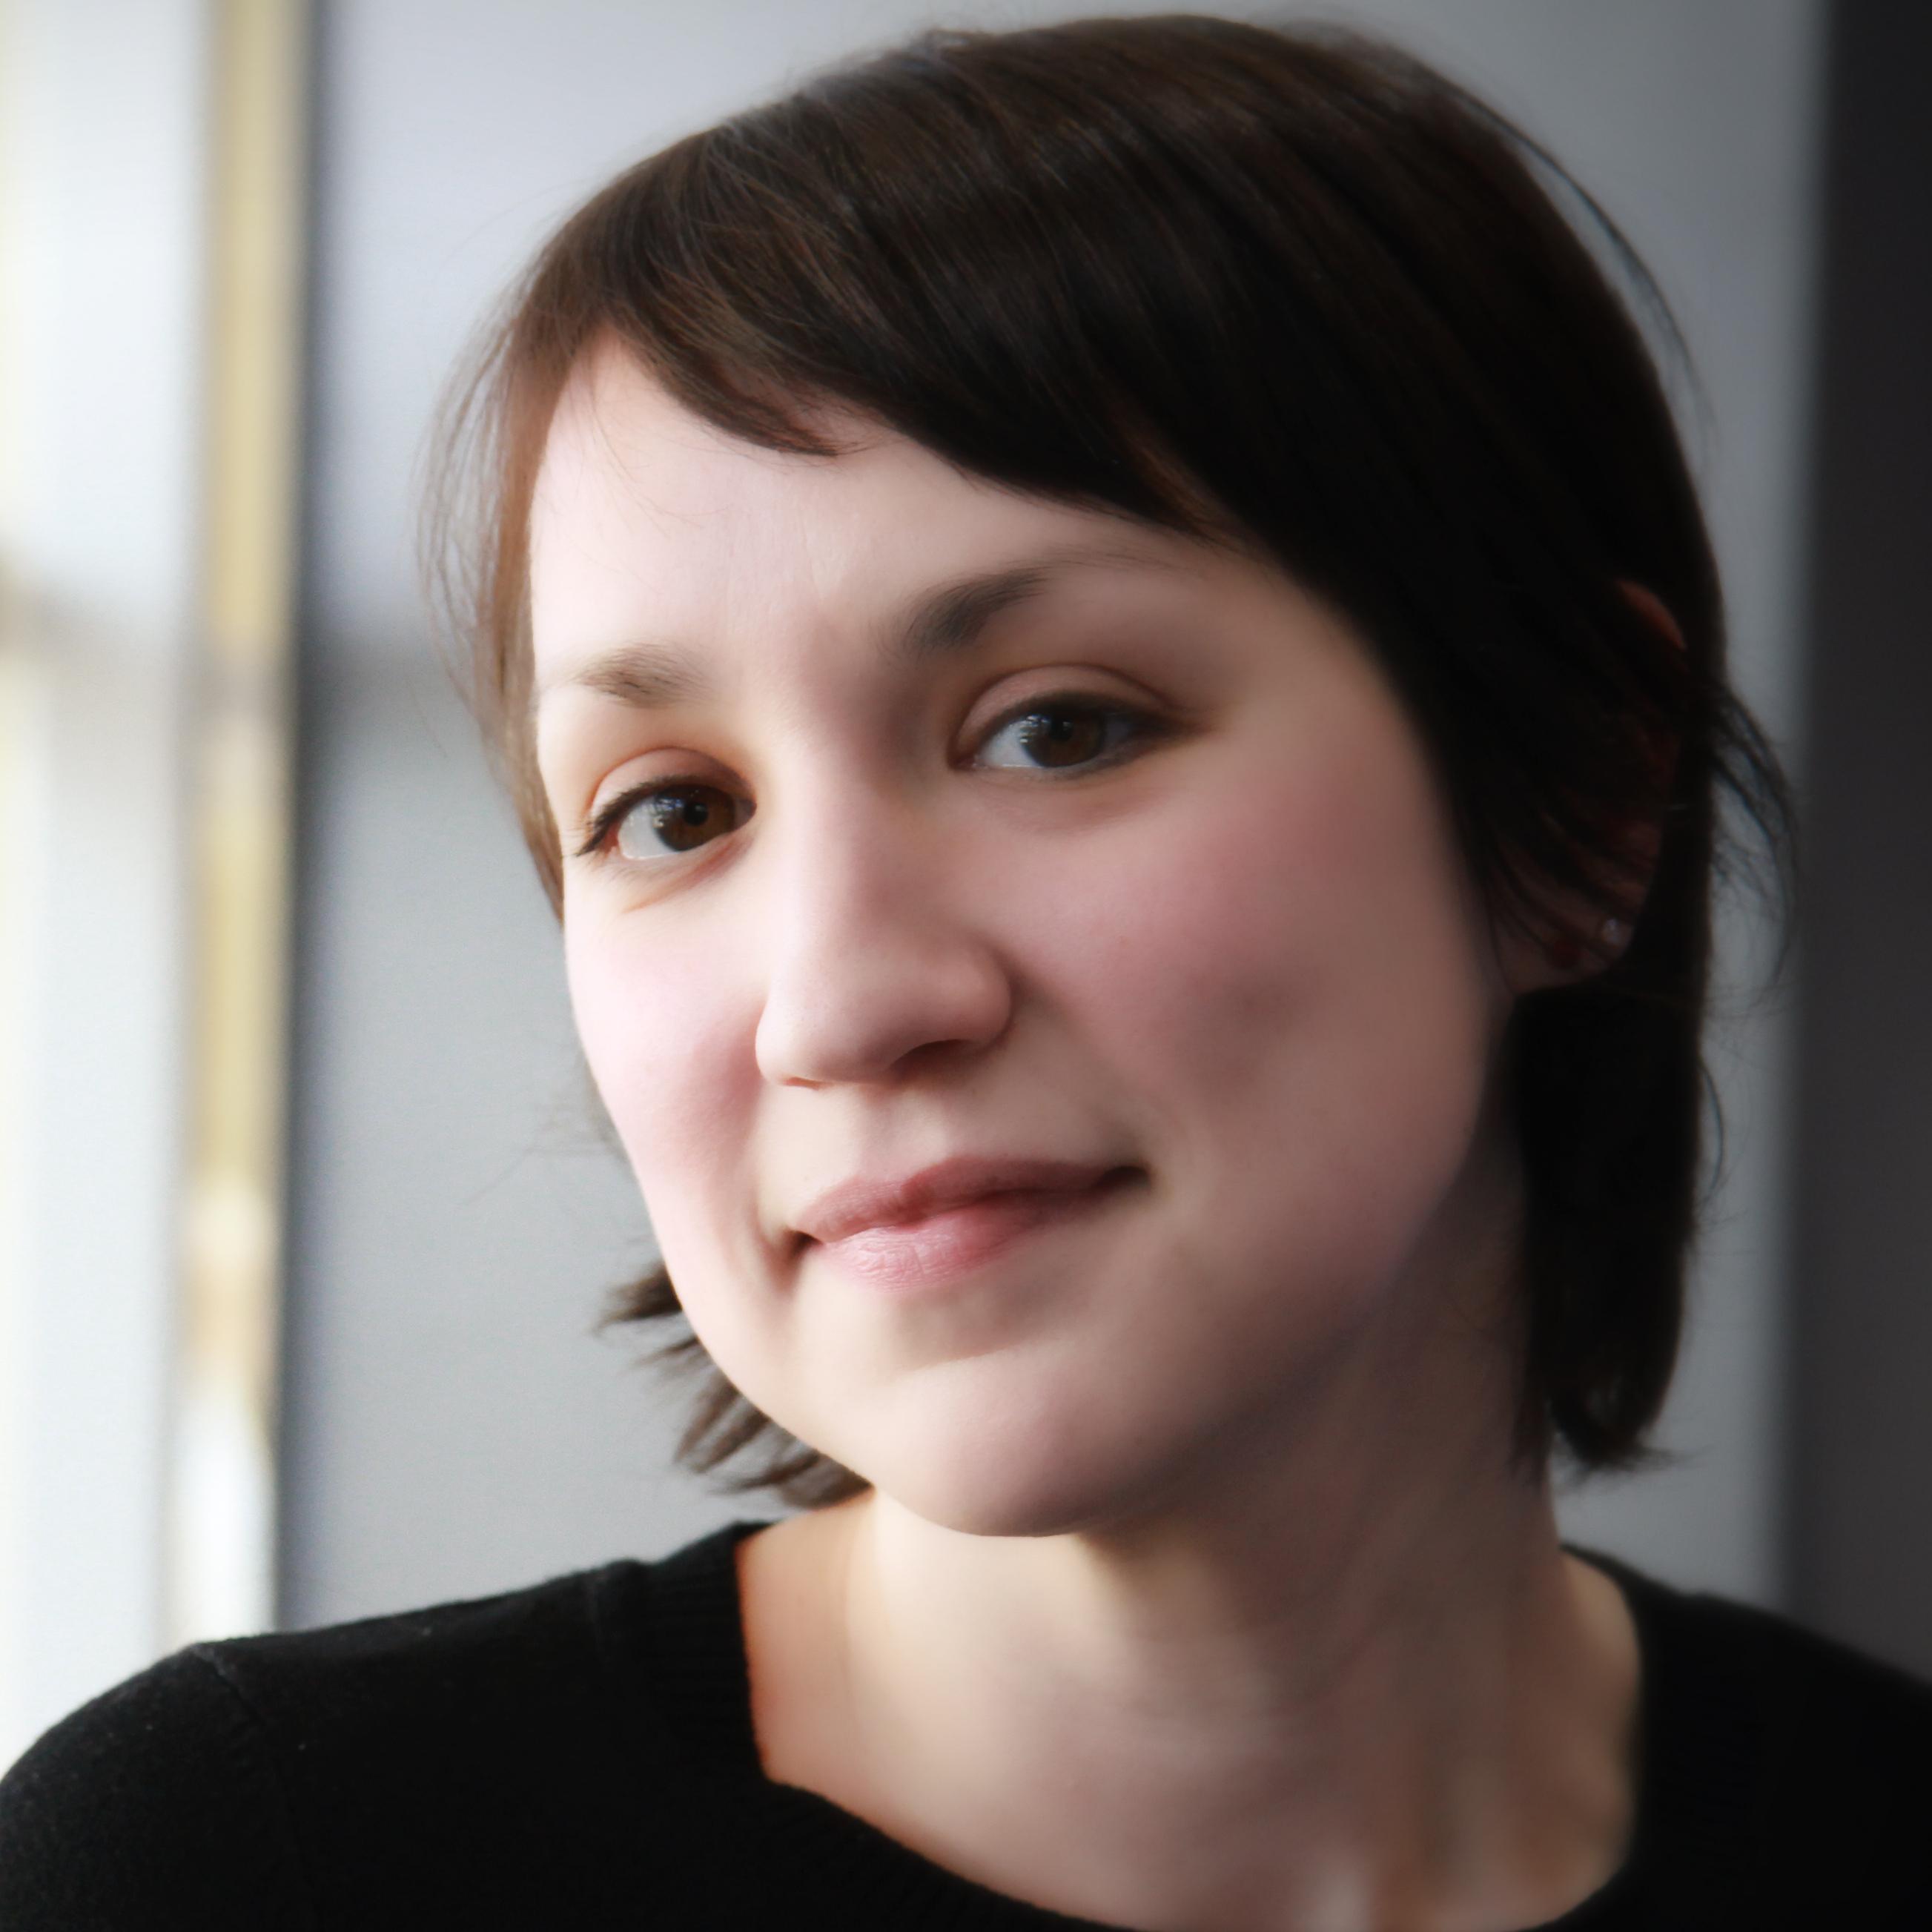 Sara Michael